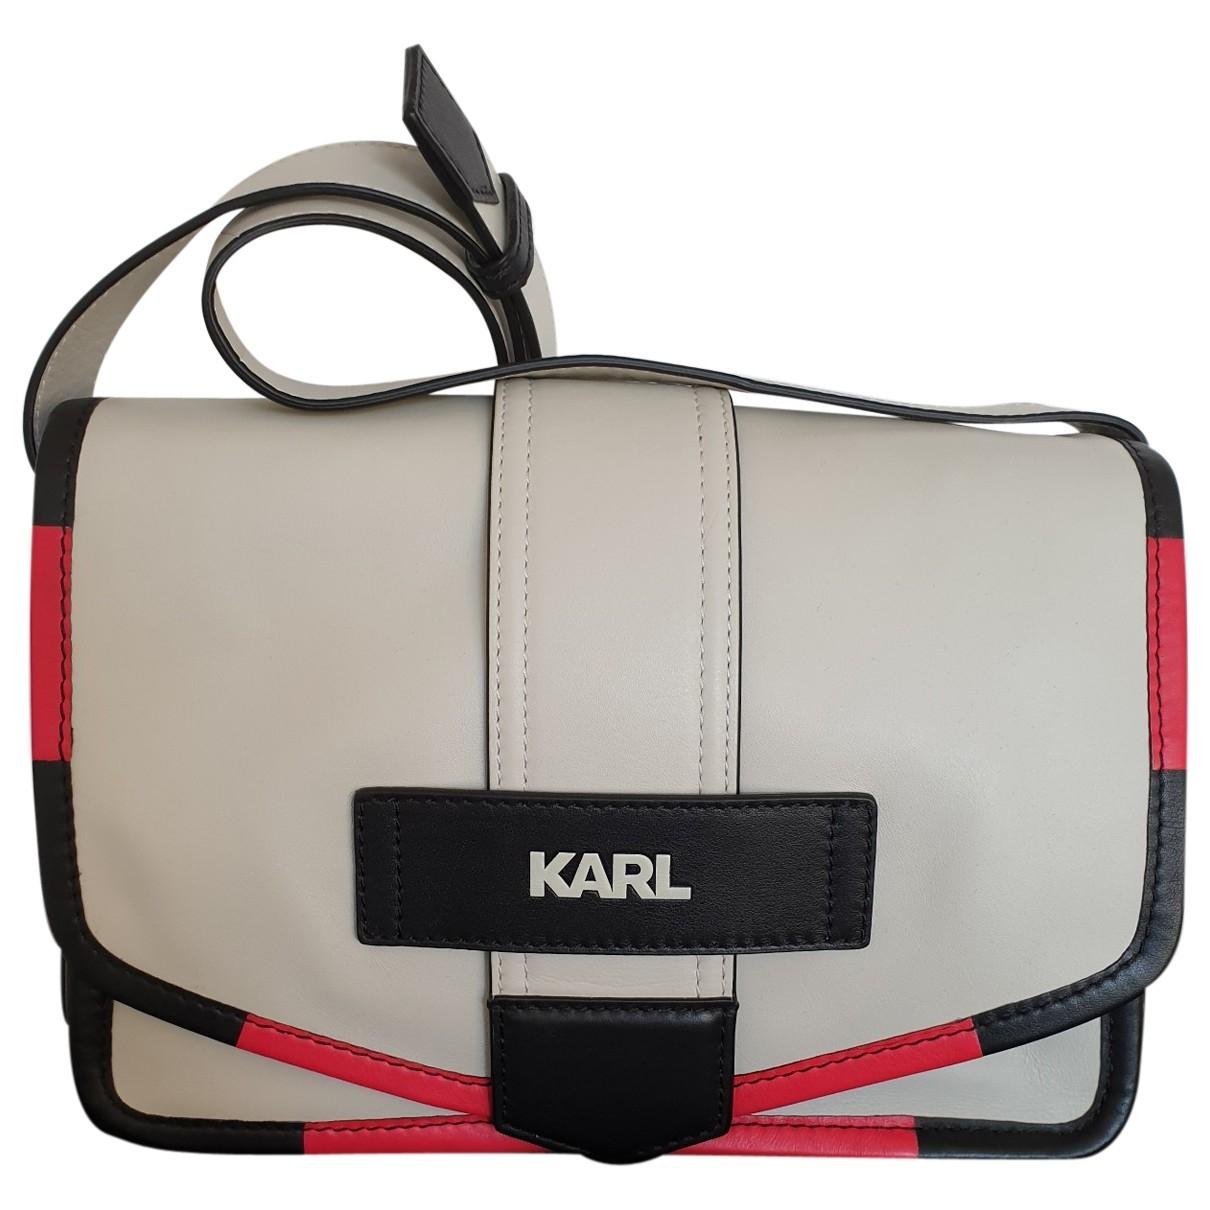 Karl - Sac a main   pour femme en cuir - ecru